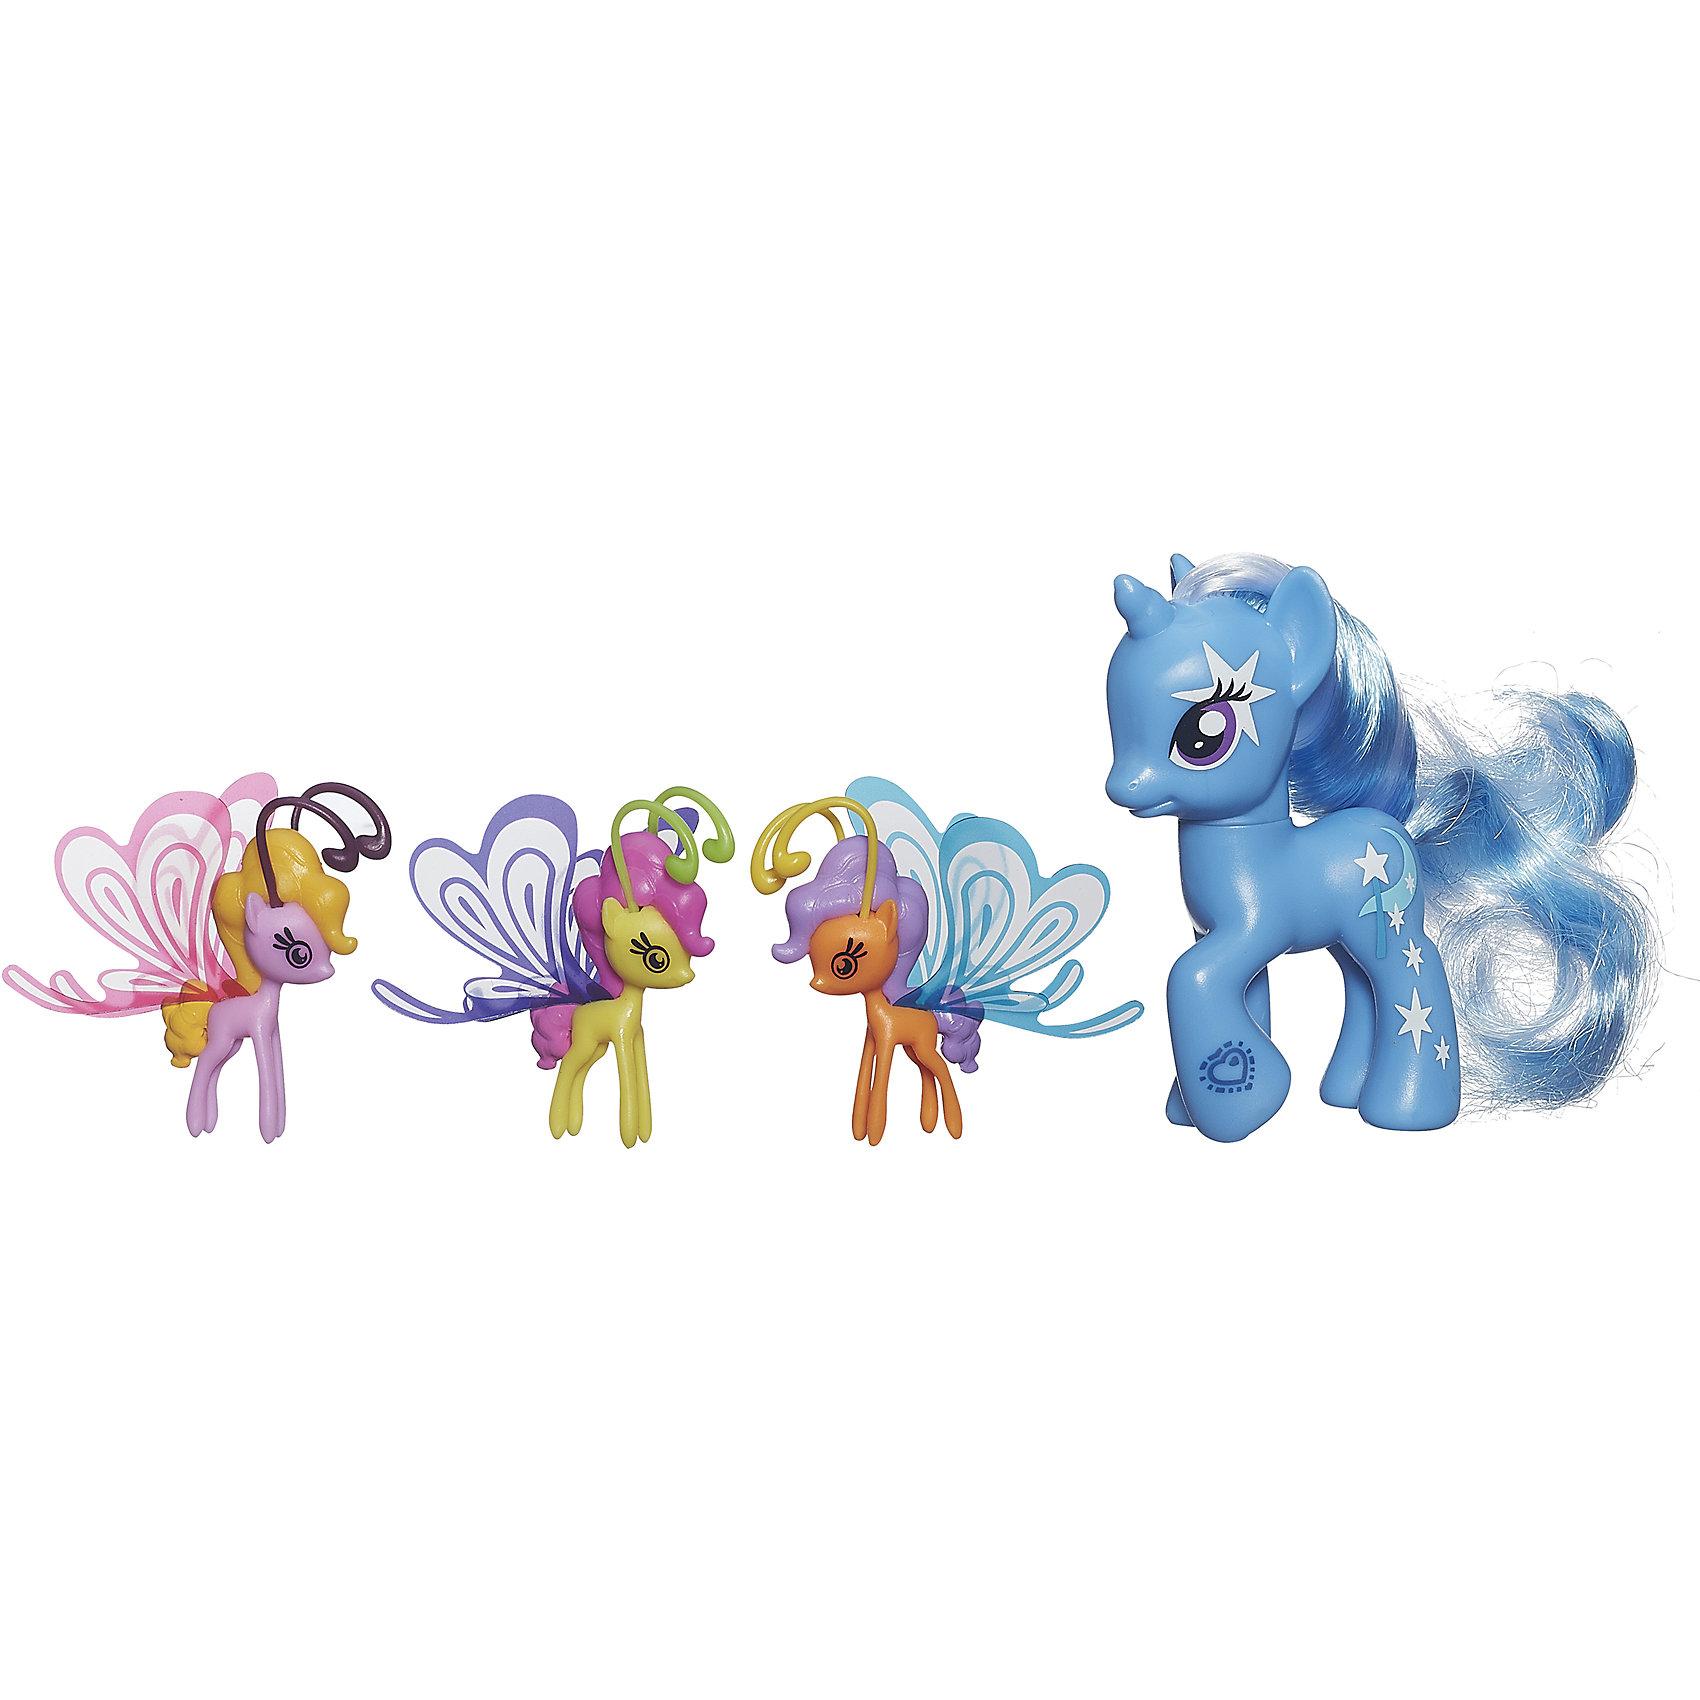 Пони Делюкс с волшебными крыльями, My little Pony,  B3016/B0358Очаровательные героини известного мультсериала Мой маленький Пони приведут в восторг всех девочек. В наборе - фигурка пони с пушистой гривой и три маленькие пони с крылышками. Теперь любимые лошадки смогут играть не только на земле, но и в воздухе. Игрушки выполнены из высококачественного экологичного пластика с применением гипоаллергенных красителей безопасных для детей. <br><br>Дополнительная информация:<br><br>- Материал: пластик.<br>- Размер: 20х17х4 см.<br>- Высота пони: 8 см.<br>- Высота крылатых пони: 4,5 см.<br>- Комплектация: 4 фигурки пони - большая пони, 3 маленьких пони с крылышками. <br><br>Пони Делюкс с волшебными крыльями, My little Pony (Май литл Пони),   можно купить в нашем магазине.<br><br>Ширина мм: 44<br>Глубина мм: 203<br>Высота мм: 197<br>Вес г: 350<br>Возраст от месяцев: 36<br>Возраст до месяцев: 72<br>Пол: Женский<br>Возраст: Детский<br>SKU: 4563924